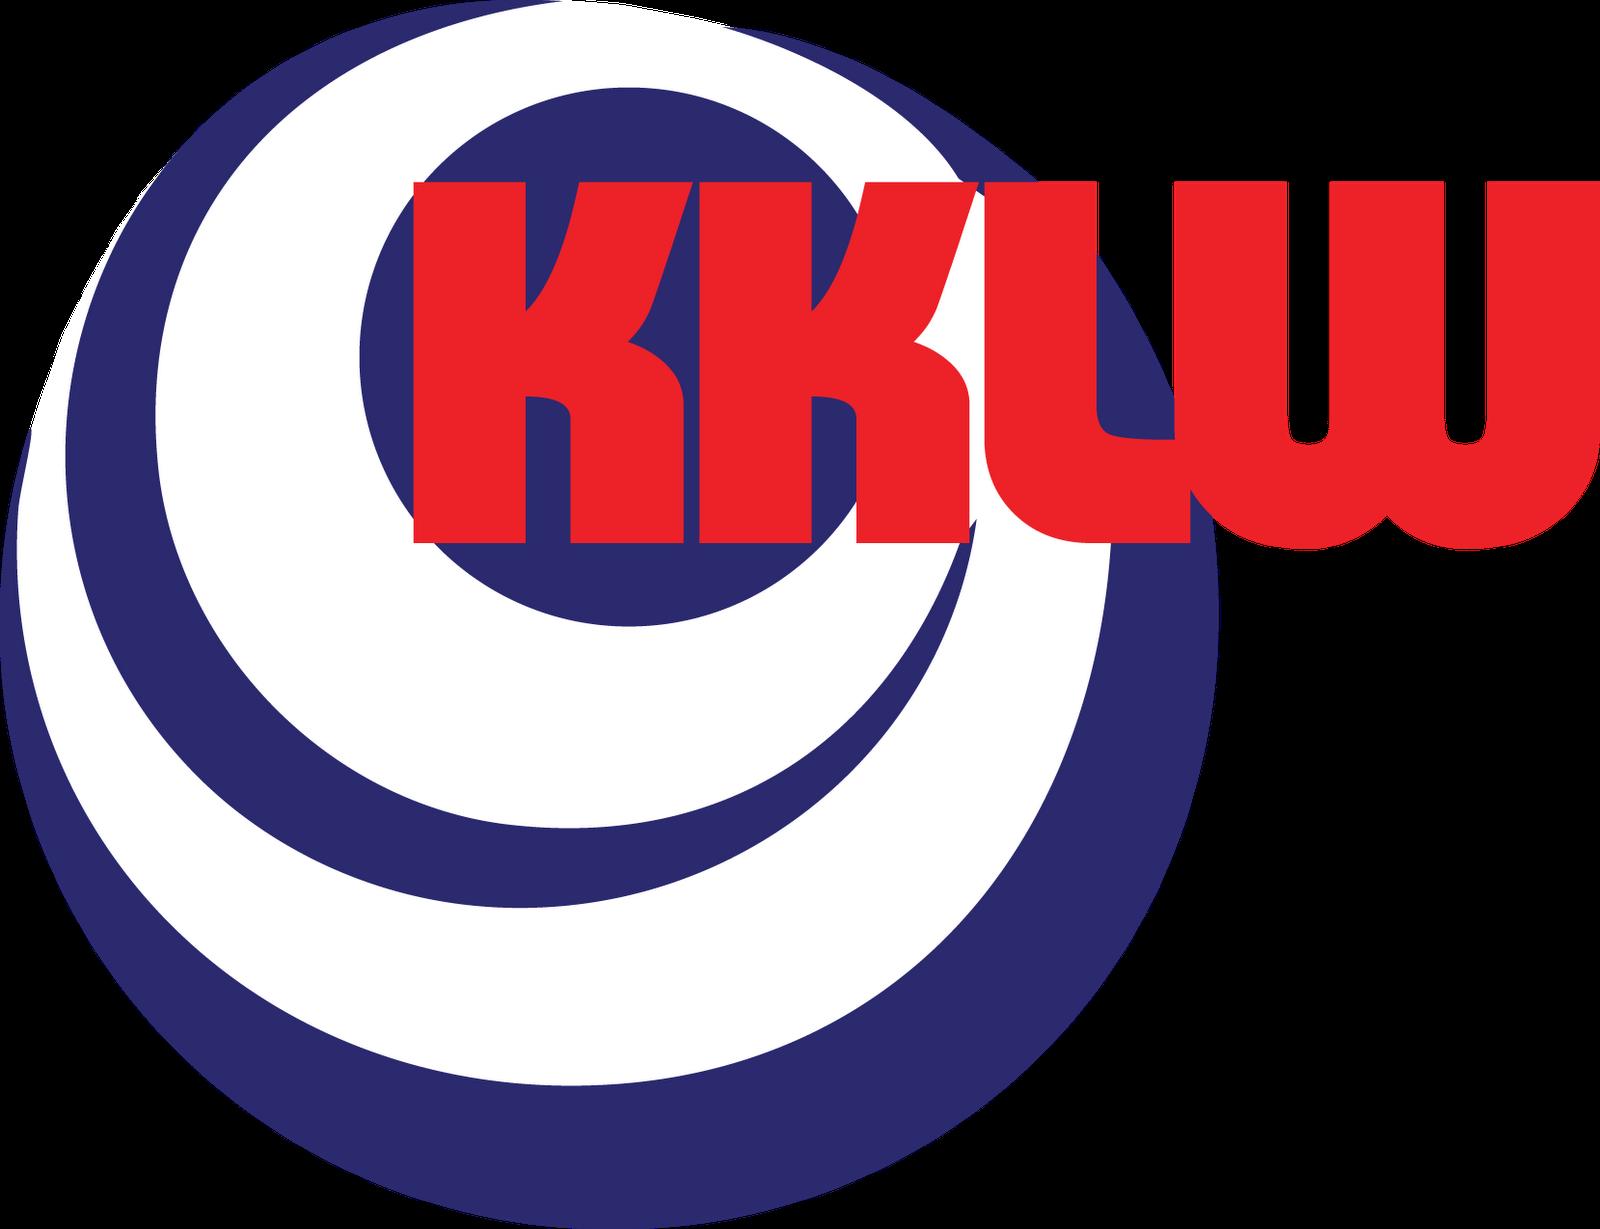 Logo KKLW